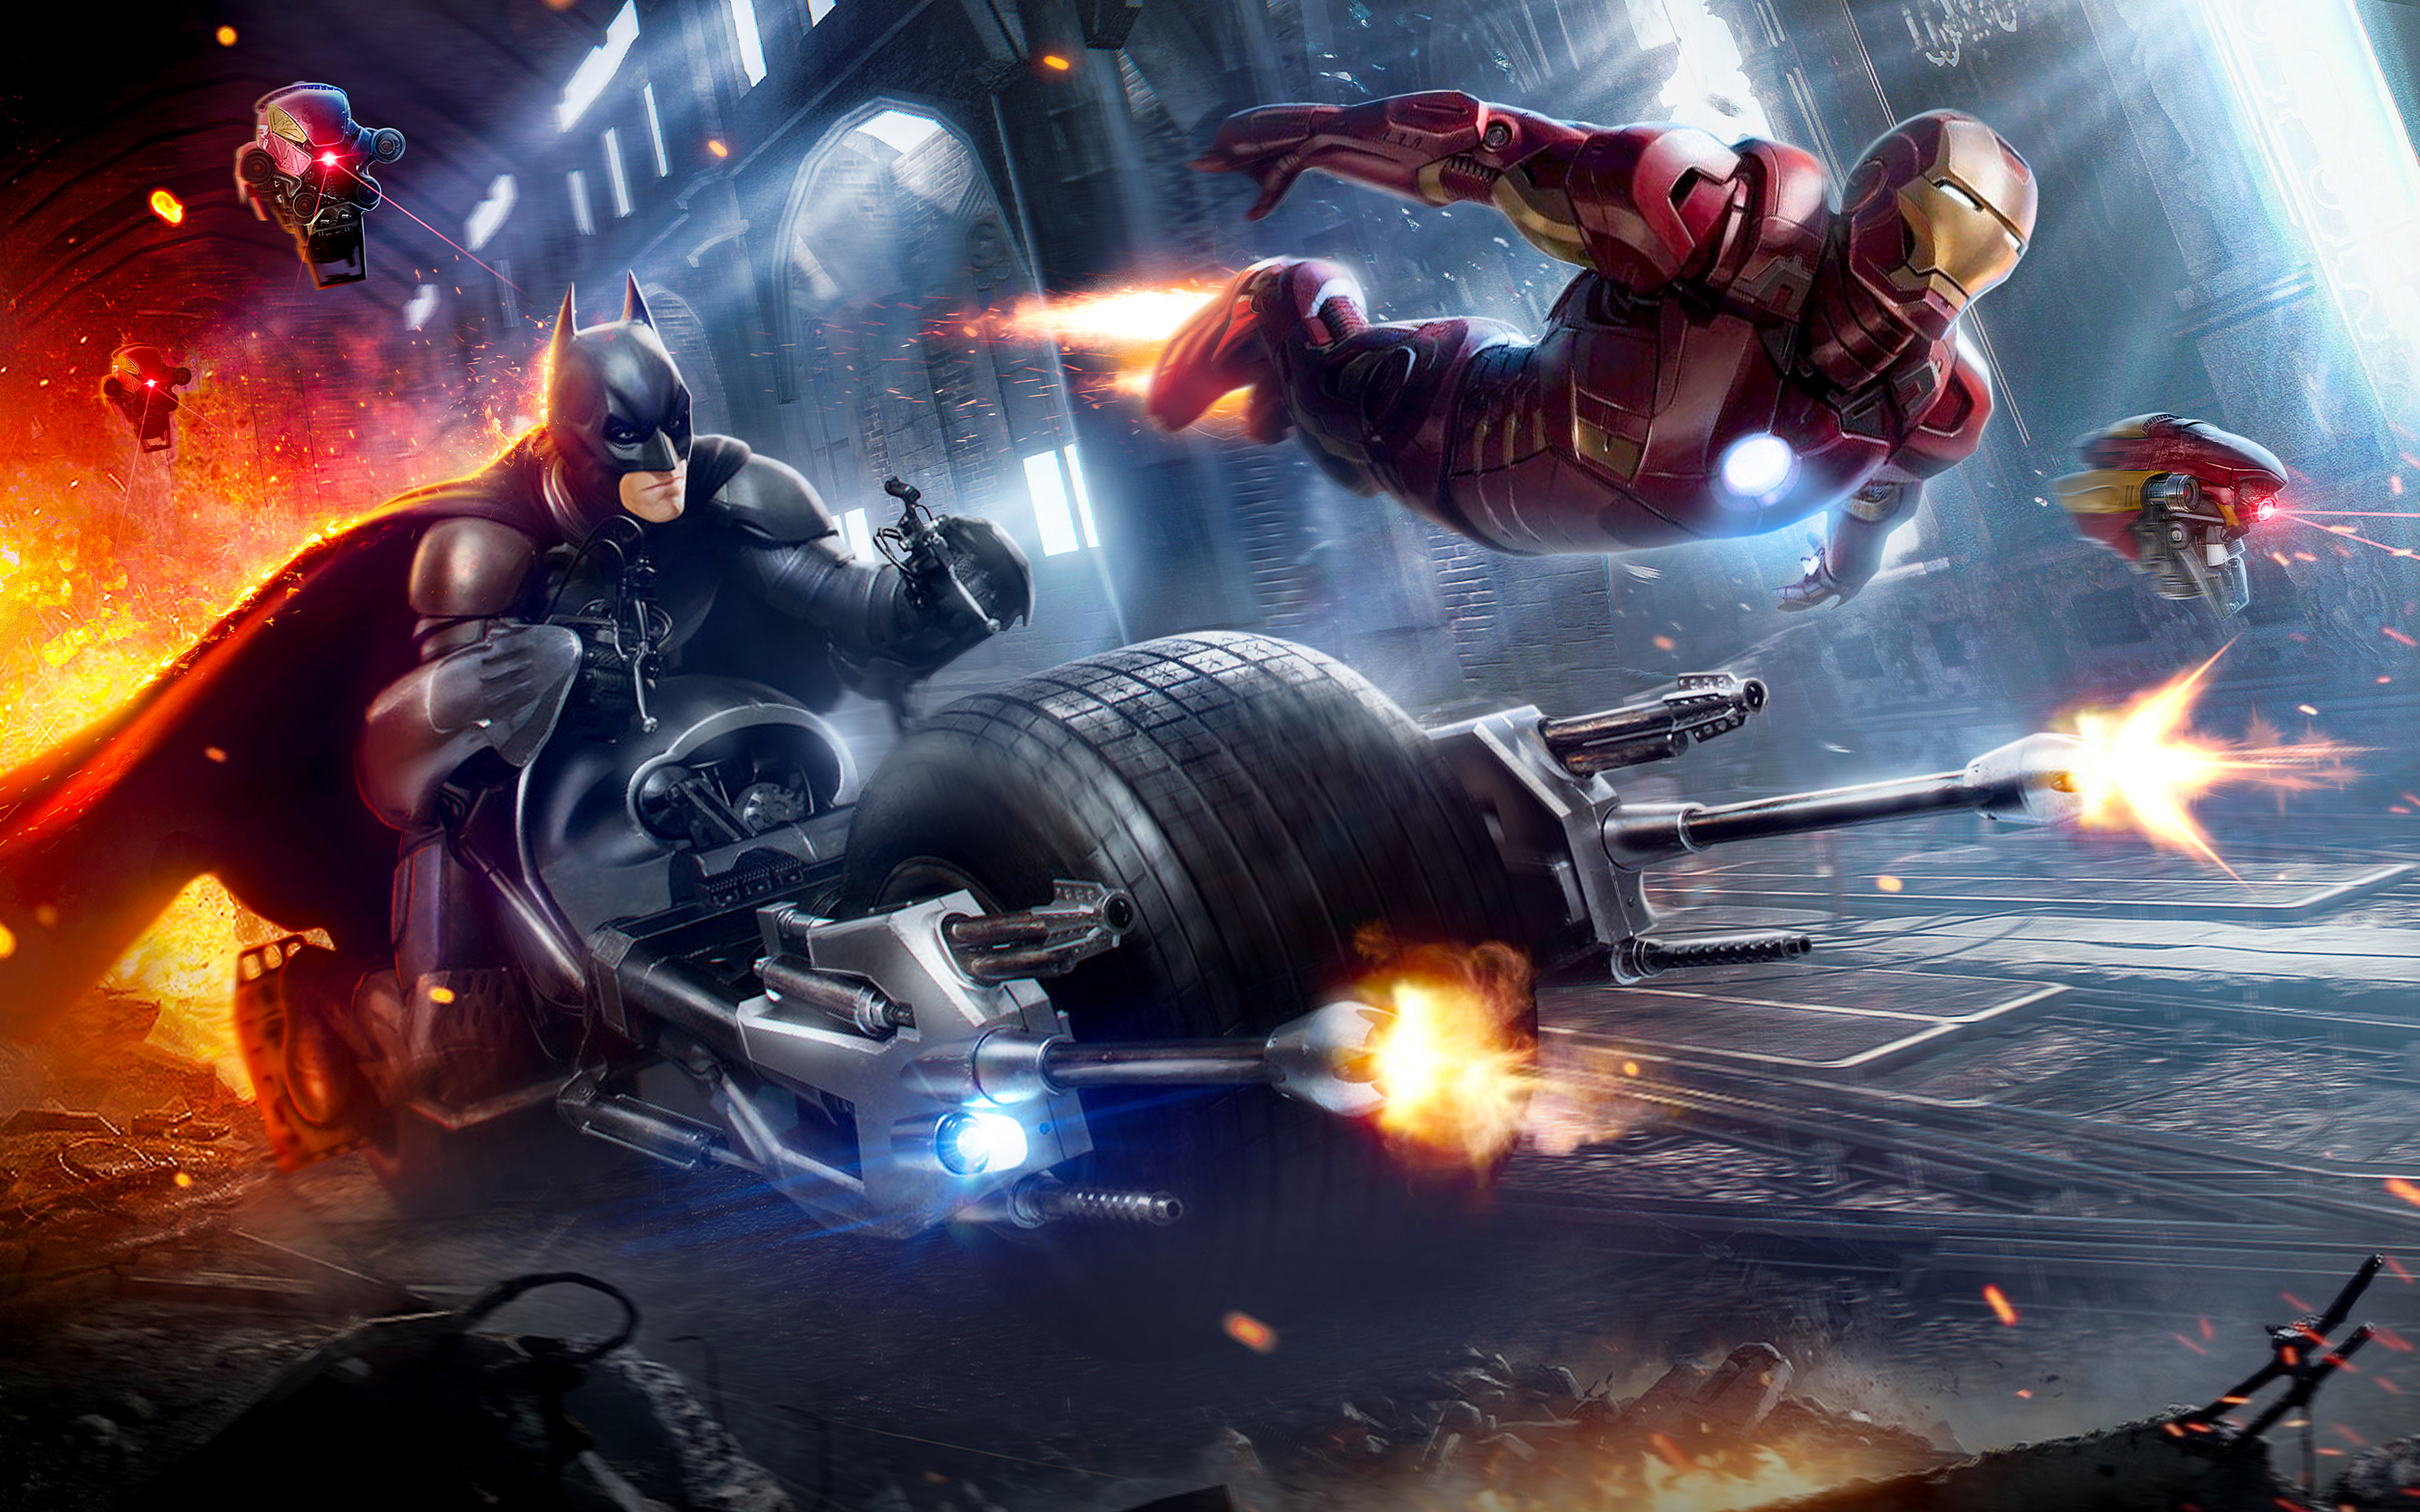 Fondos de pantalla Batman y Iron Man